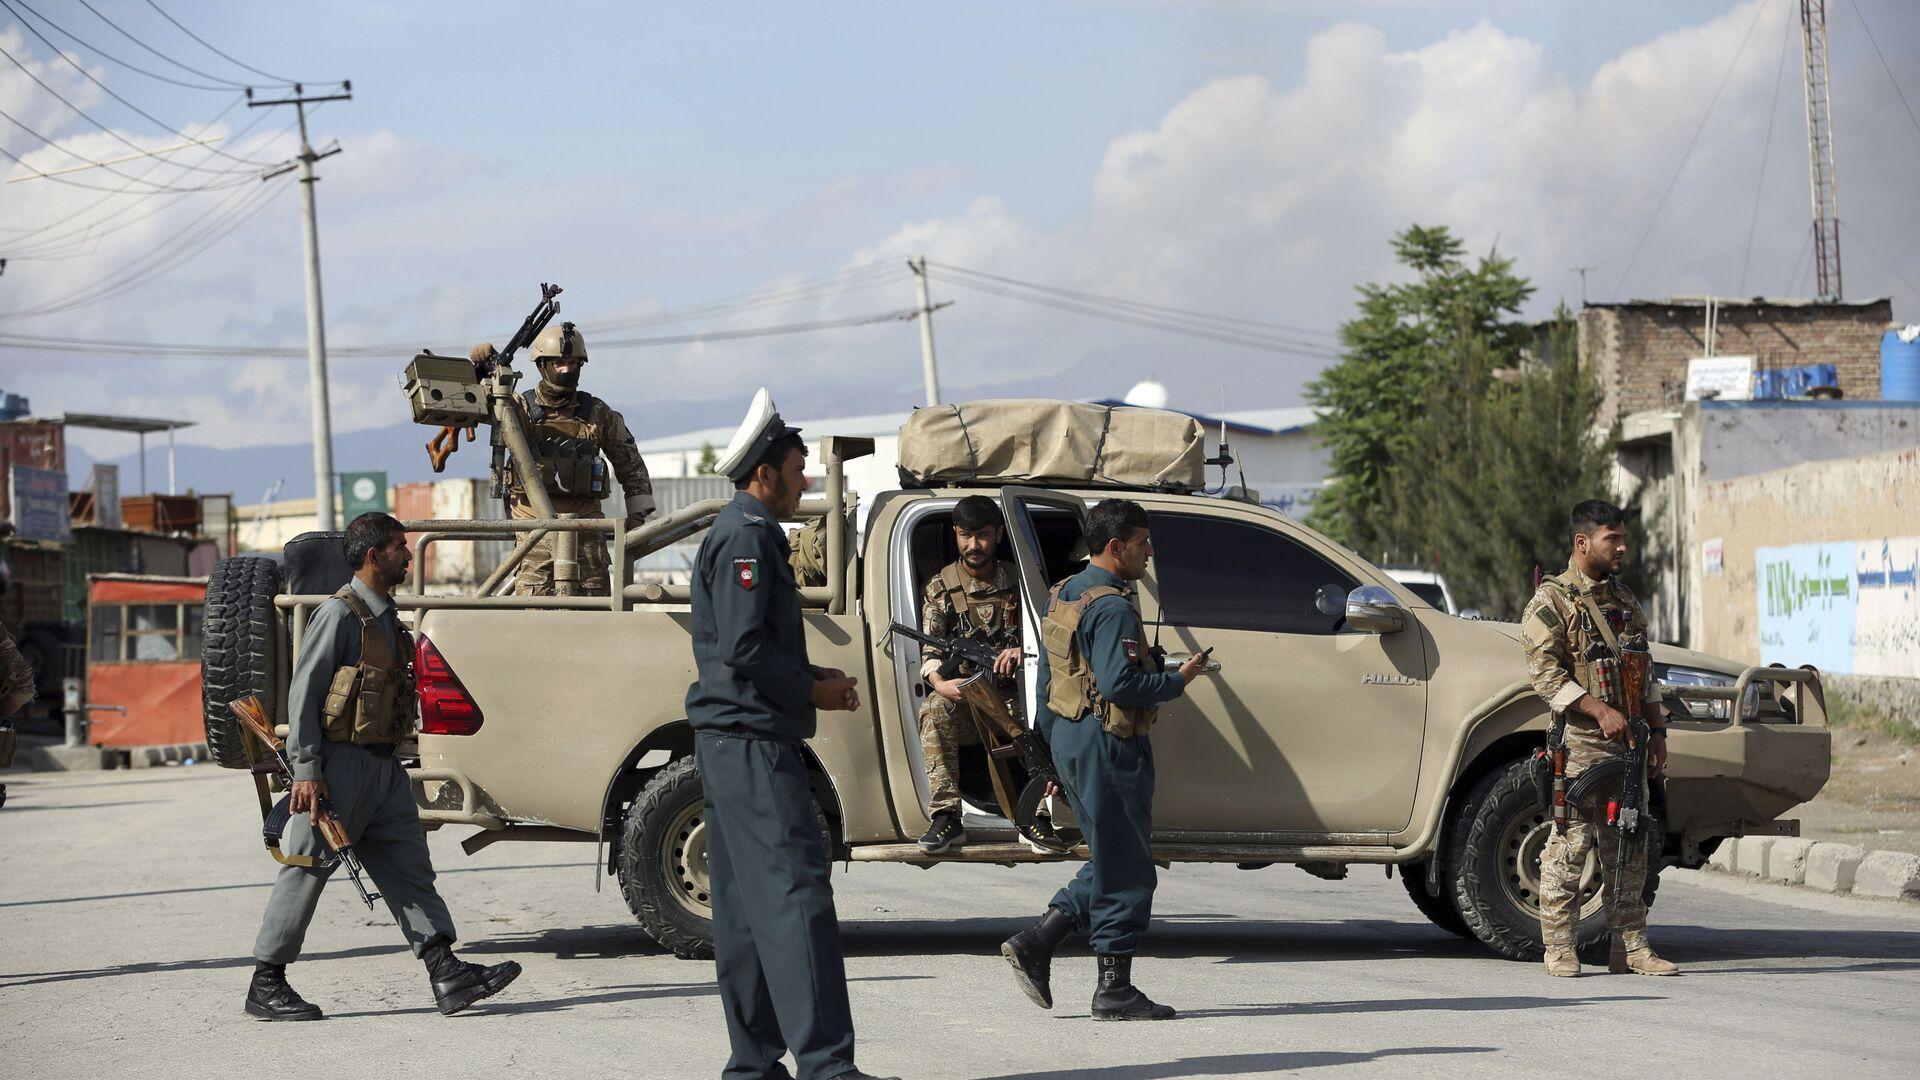 Афганские силовики прибыли на место где произошел взрыв в мечети 24 мая 2019 - Sputnik Таджикистан, 1920, 26.07.2021